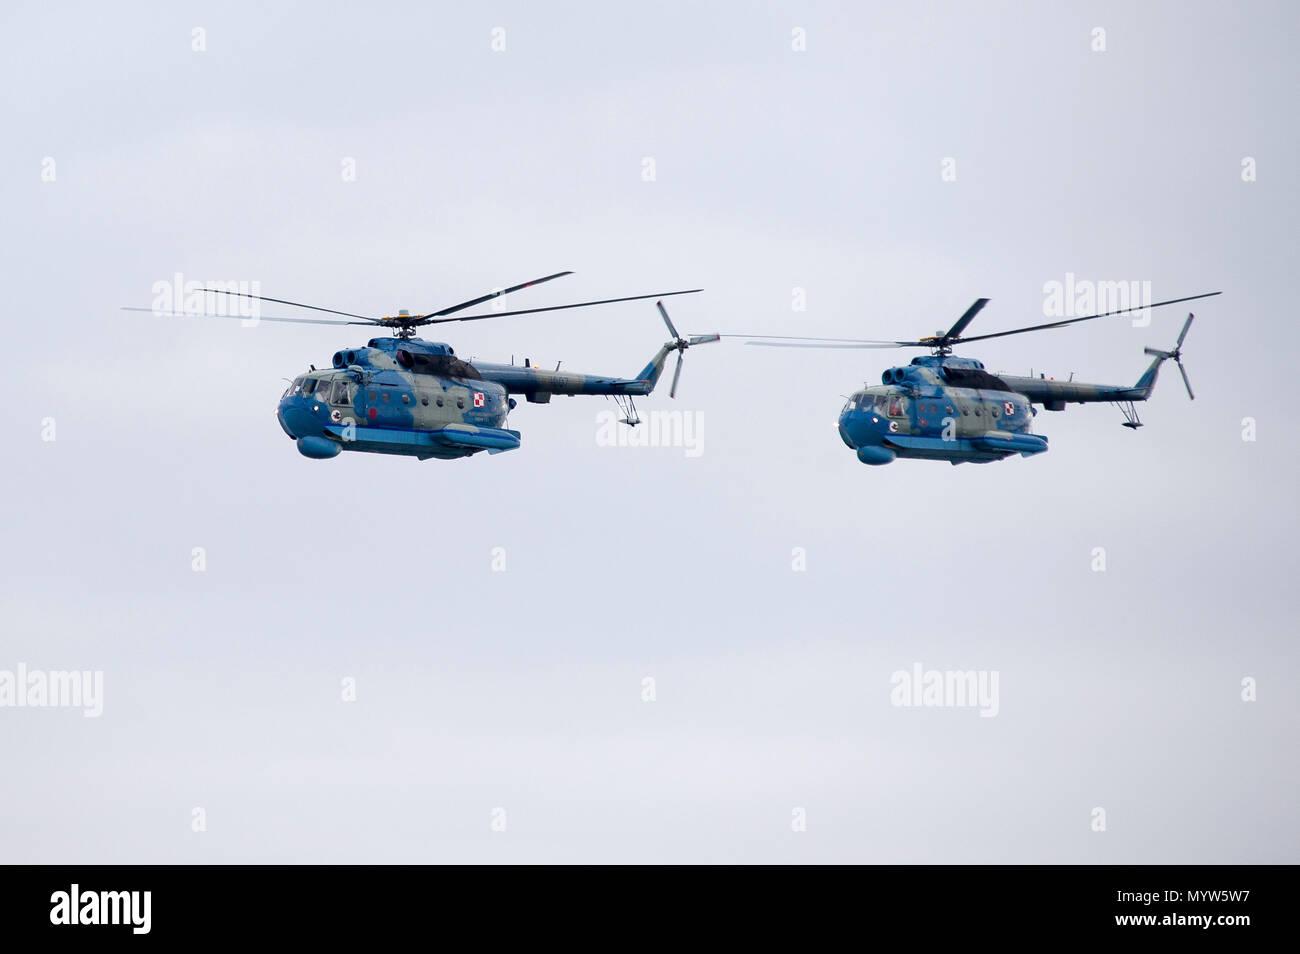 Soviet made Polish Navy anti submarine helicopter Mi-14 PL in Gdynia, Poland. January 14th 2017 © Wojciech Strozyk / Alamy Stock Photo - Stock Image